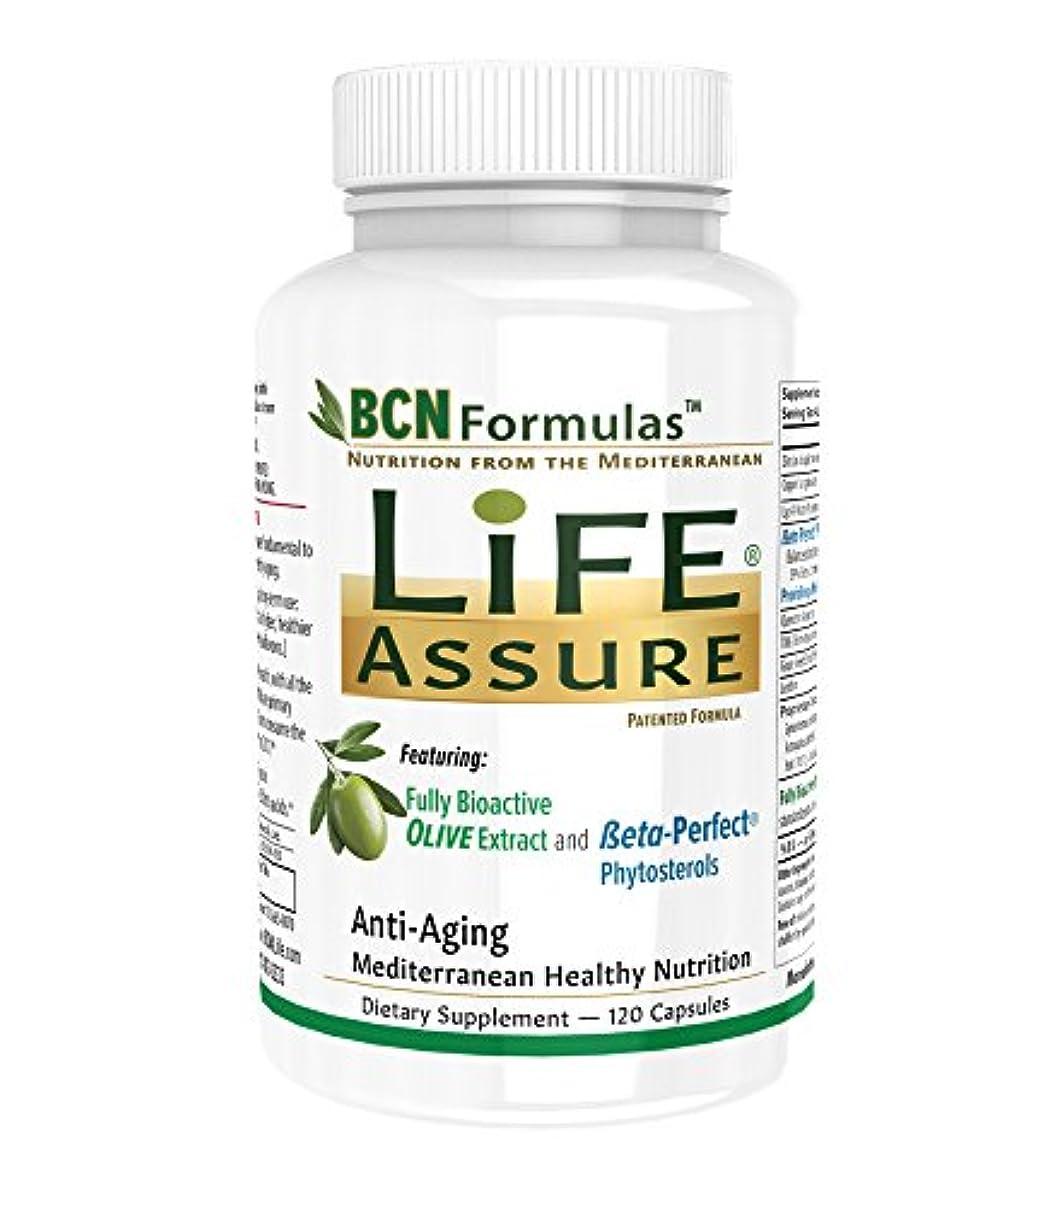 切り離すベーカリー構成BCN Formulas Life Assure アンチ エイジング フォーミュラ(120カプセル)